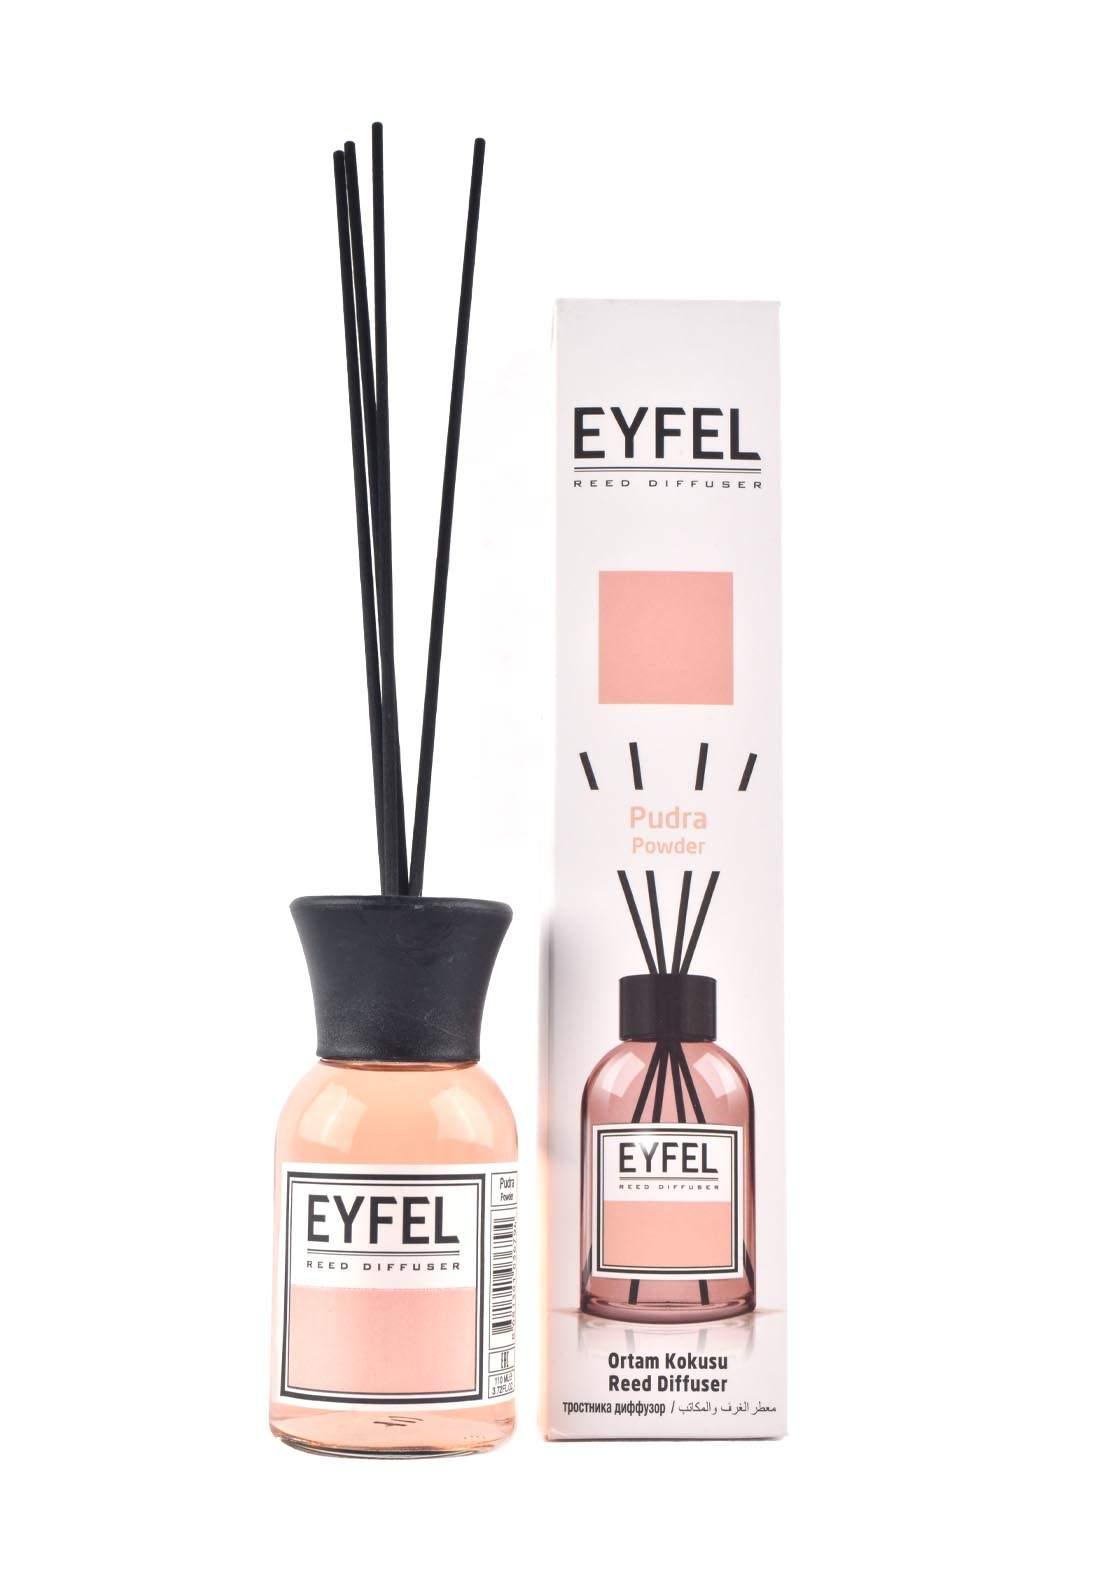 Eyfel Reed Diffuser Powder معطر جو برائحة البودرا